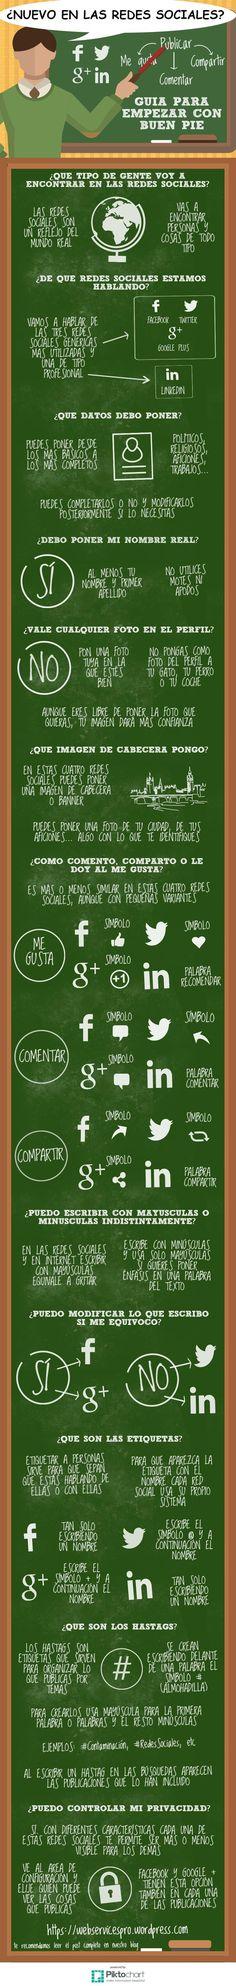 Guía para comenzar en Redes Sociales #infografía